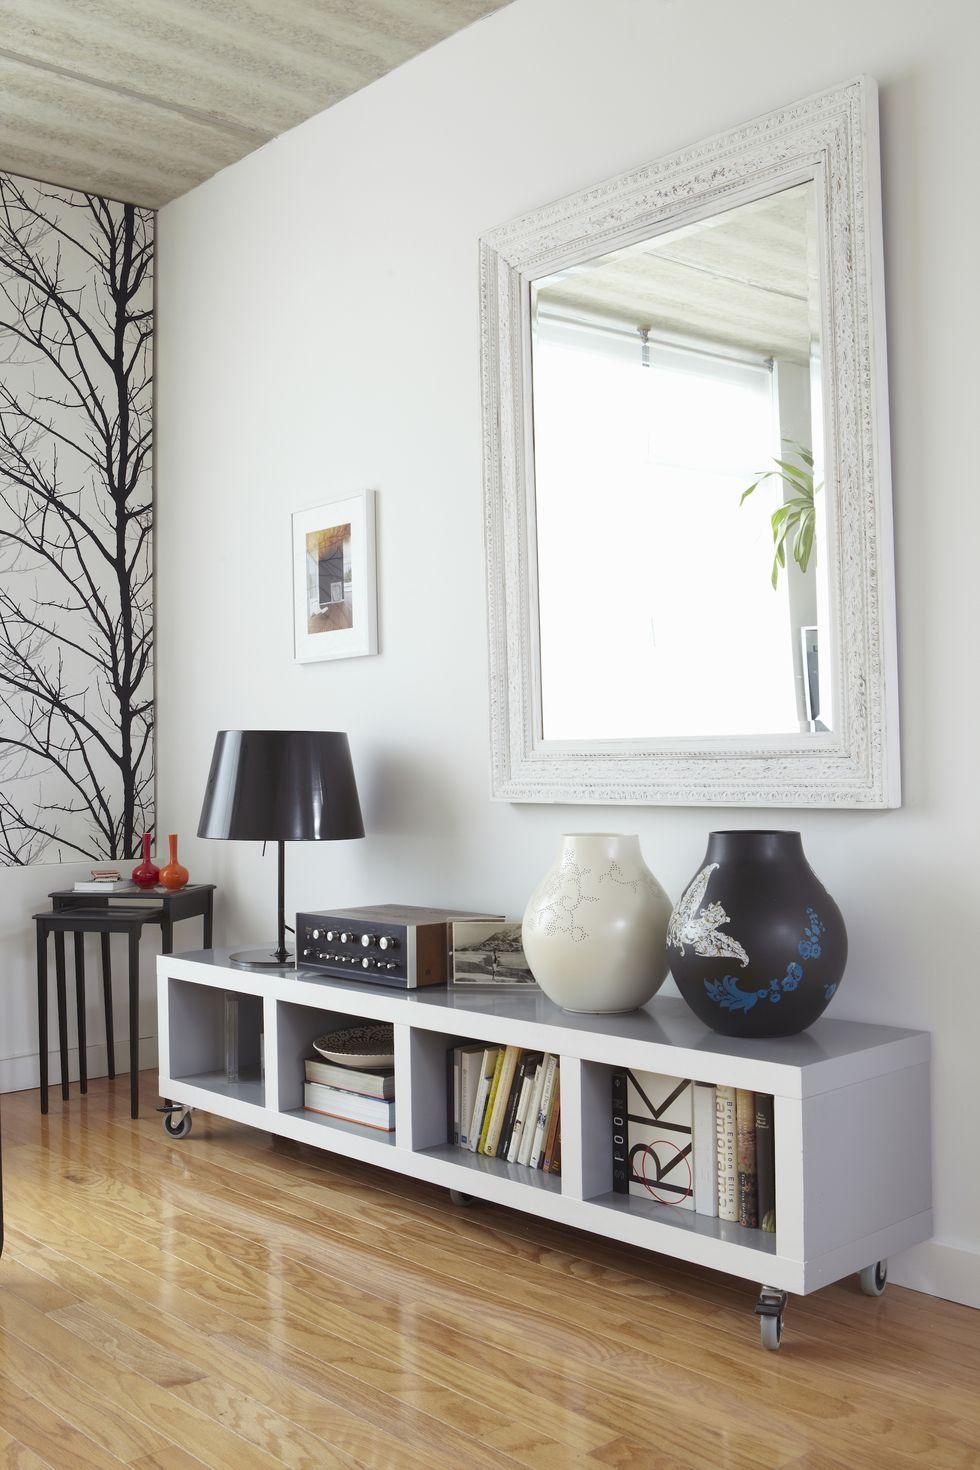 Designers Tips To Lighten Up Your Dark Interiors_5 dark interiors Designers Tips To Lighten Up Your Dark Interiors Designers Tips To Lighten Up Your Dark Interiors 5